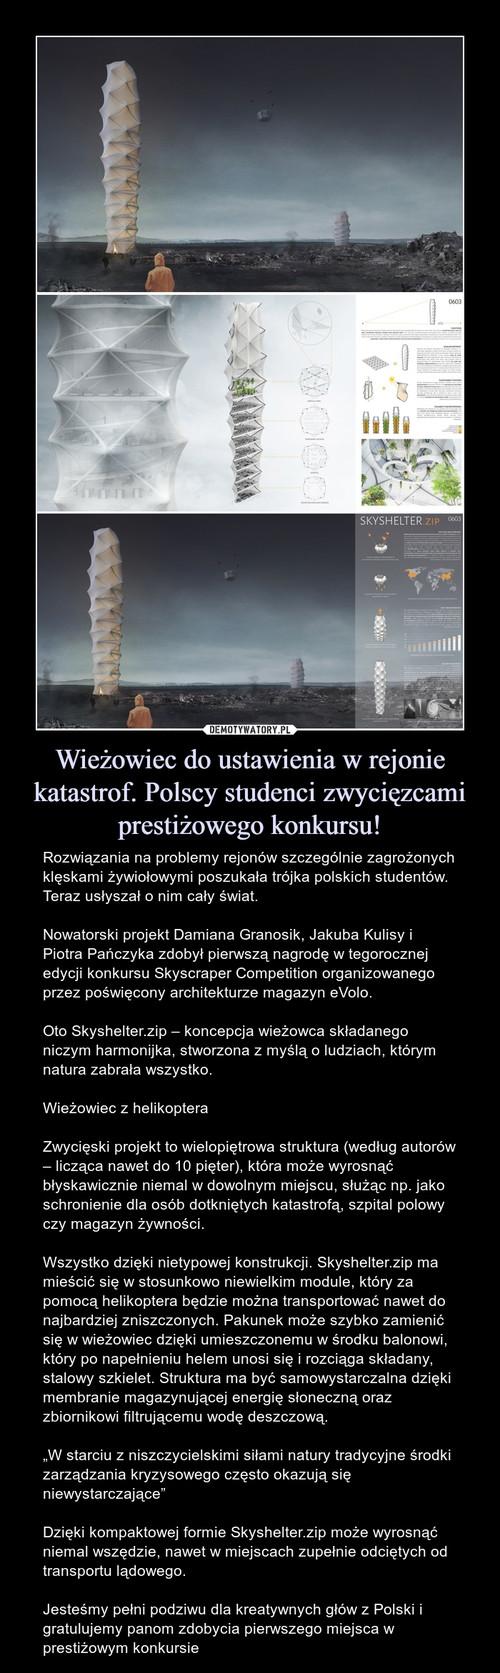 Wieżowiec do ustawienia w rejonie katastrof. Polscy studenci zwycięzcami prestiżowego konkursu!